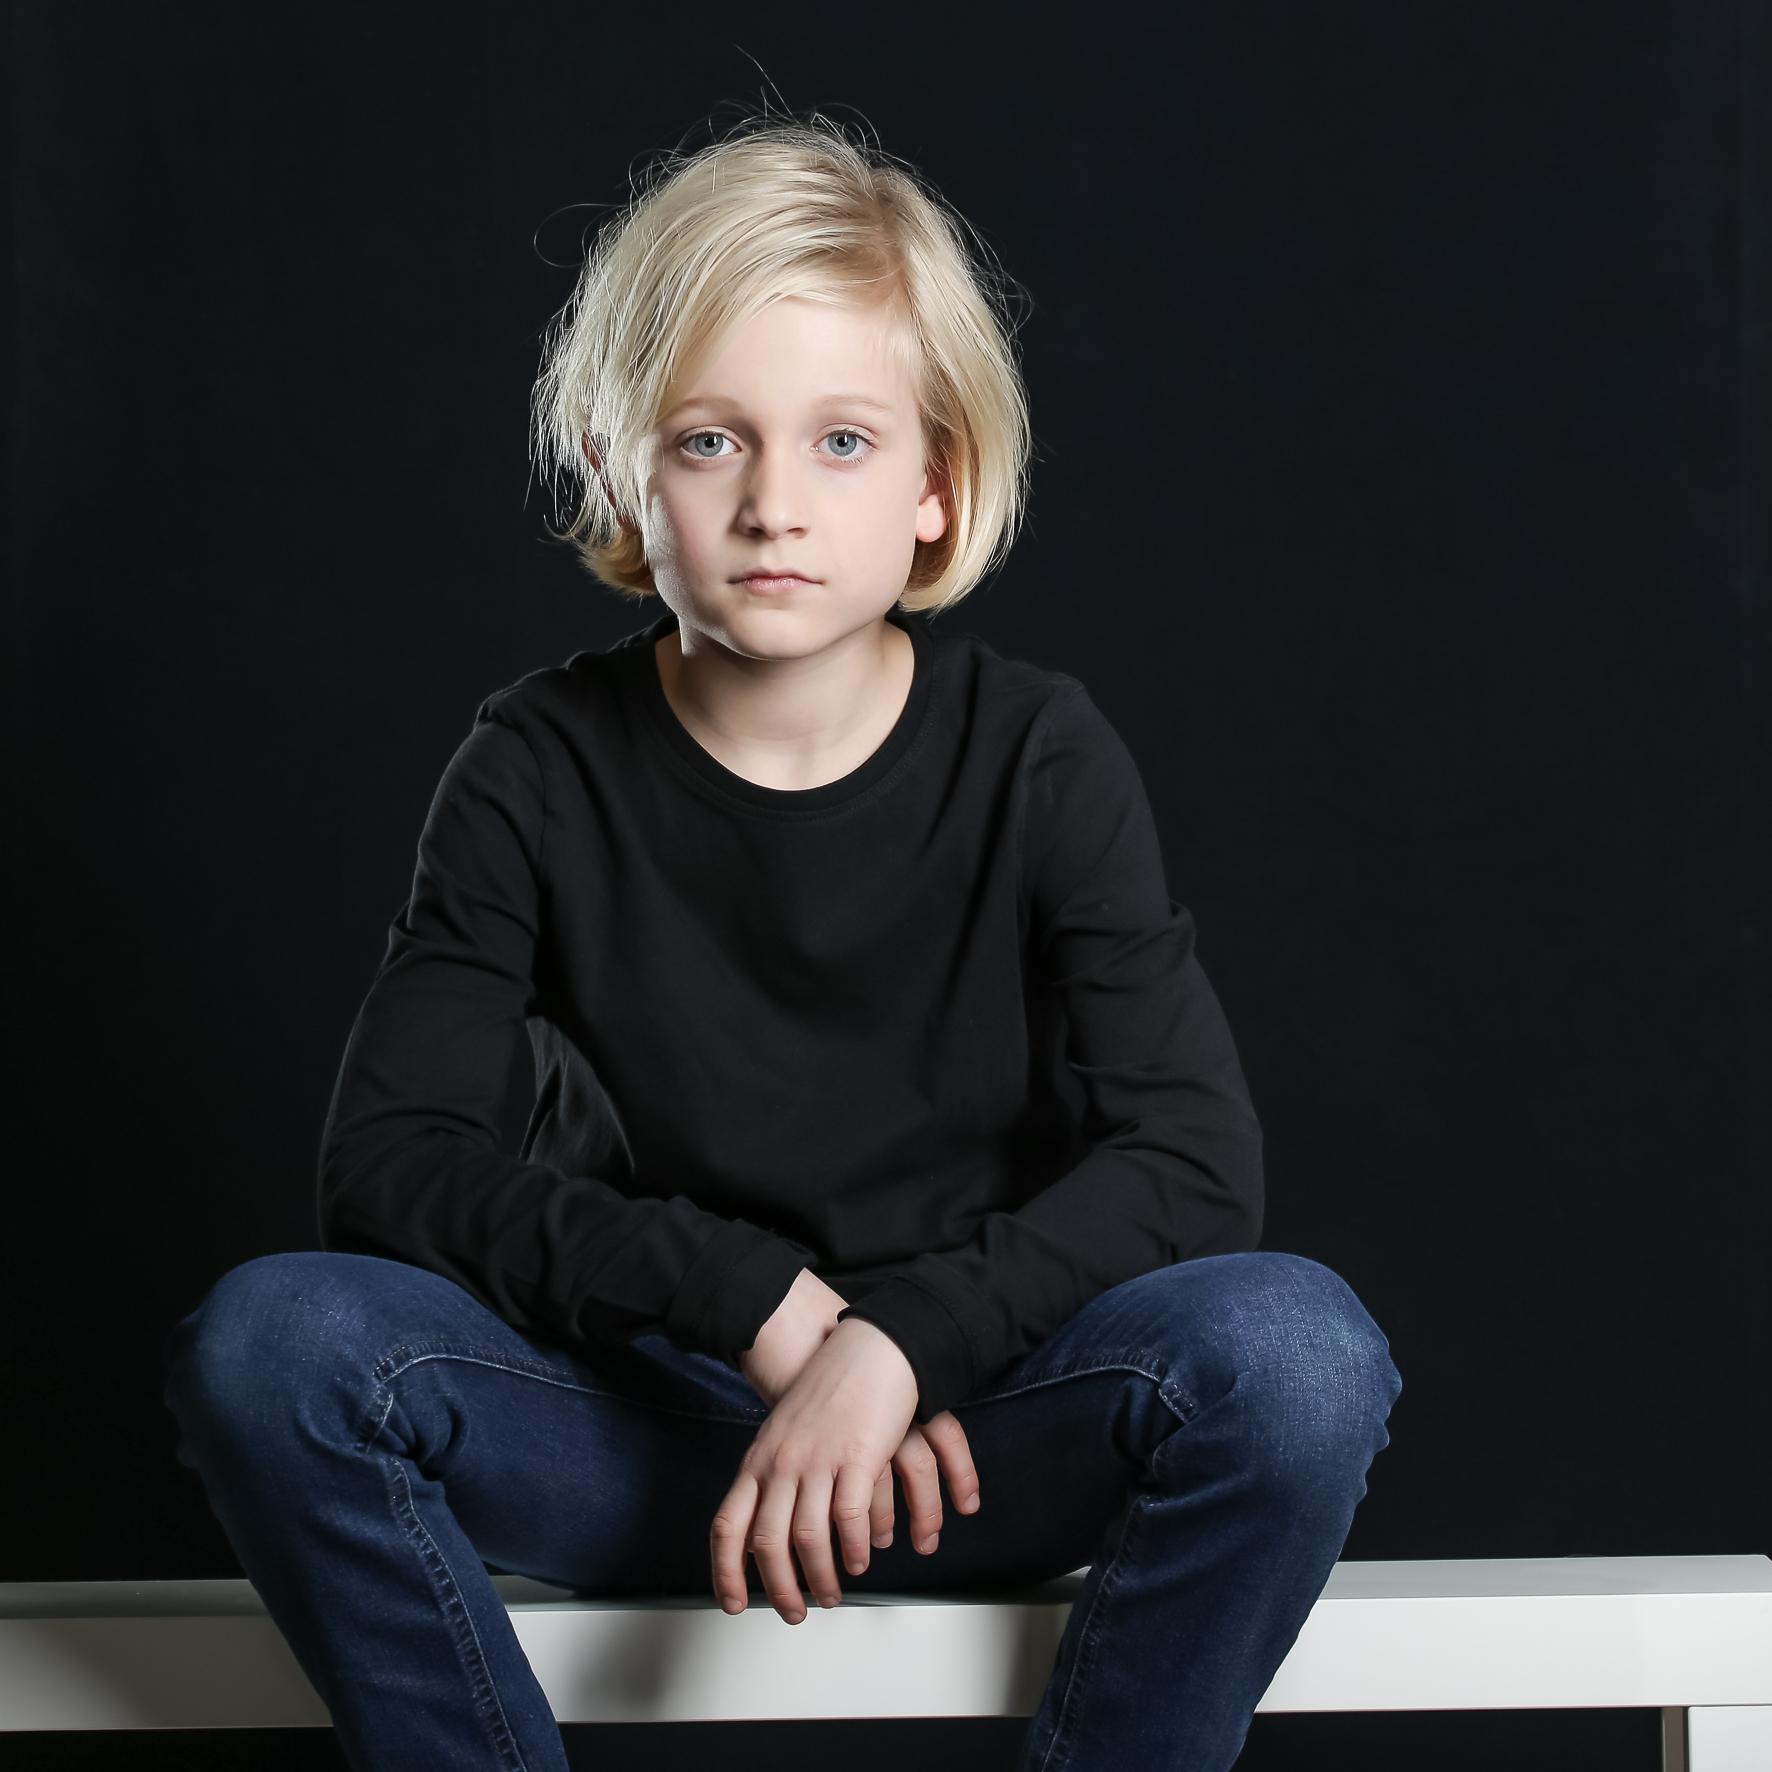 Schauspiel und Modelagentur Stageperform Nick-M